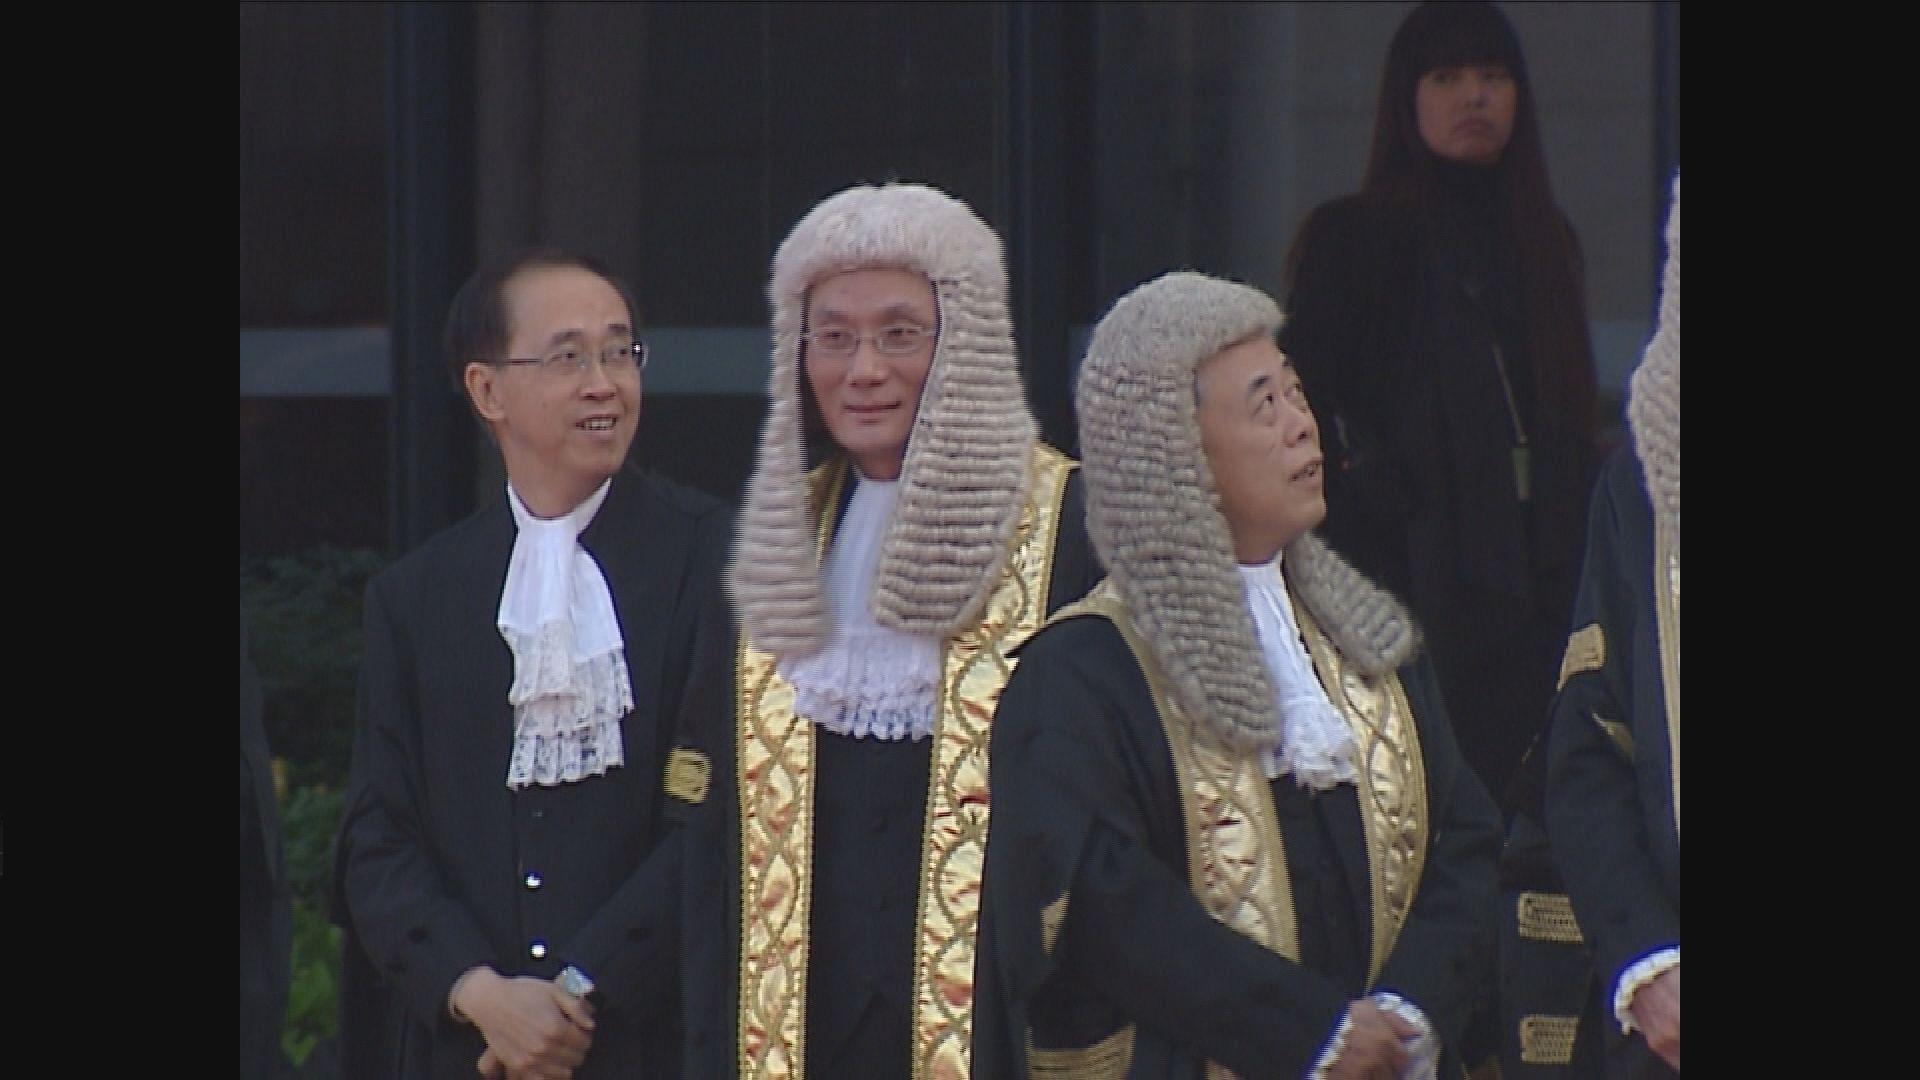 張舉能獲委任終審法院首席法官 明年一月接替馬道立